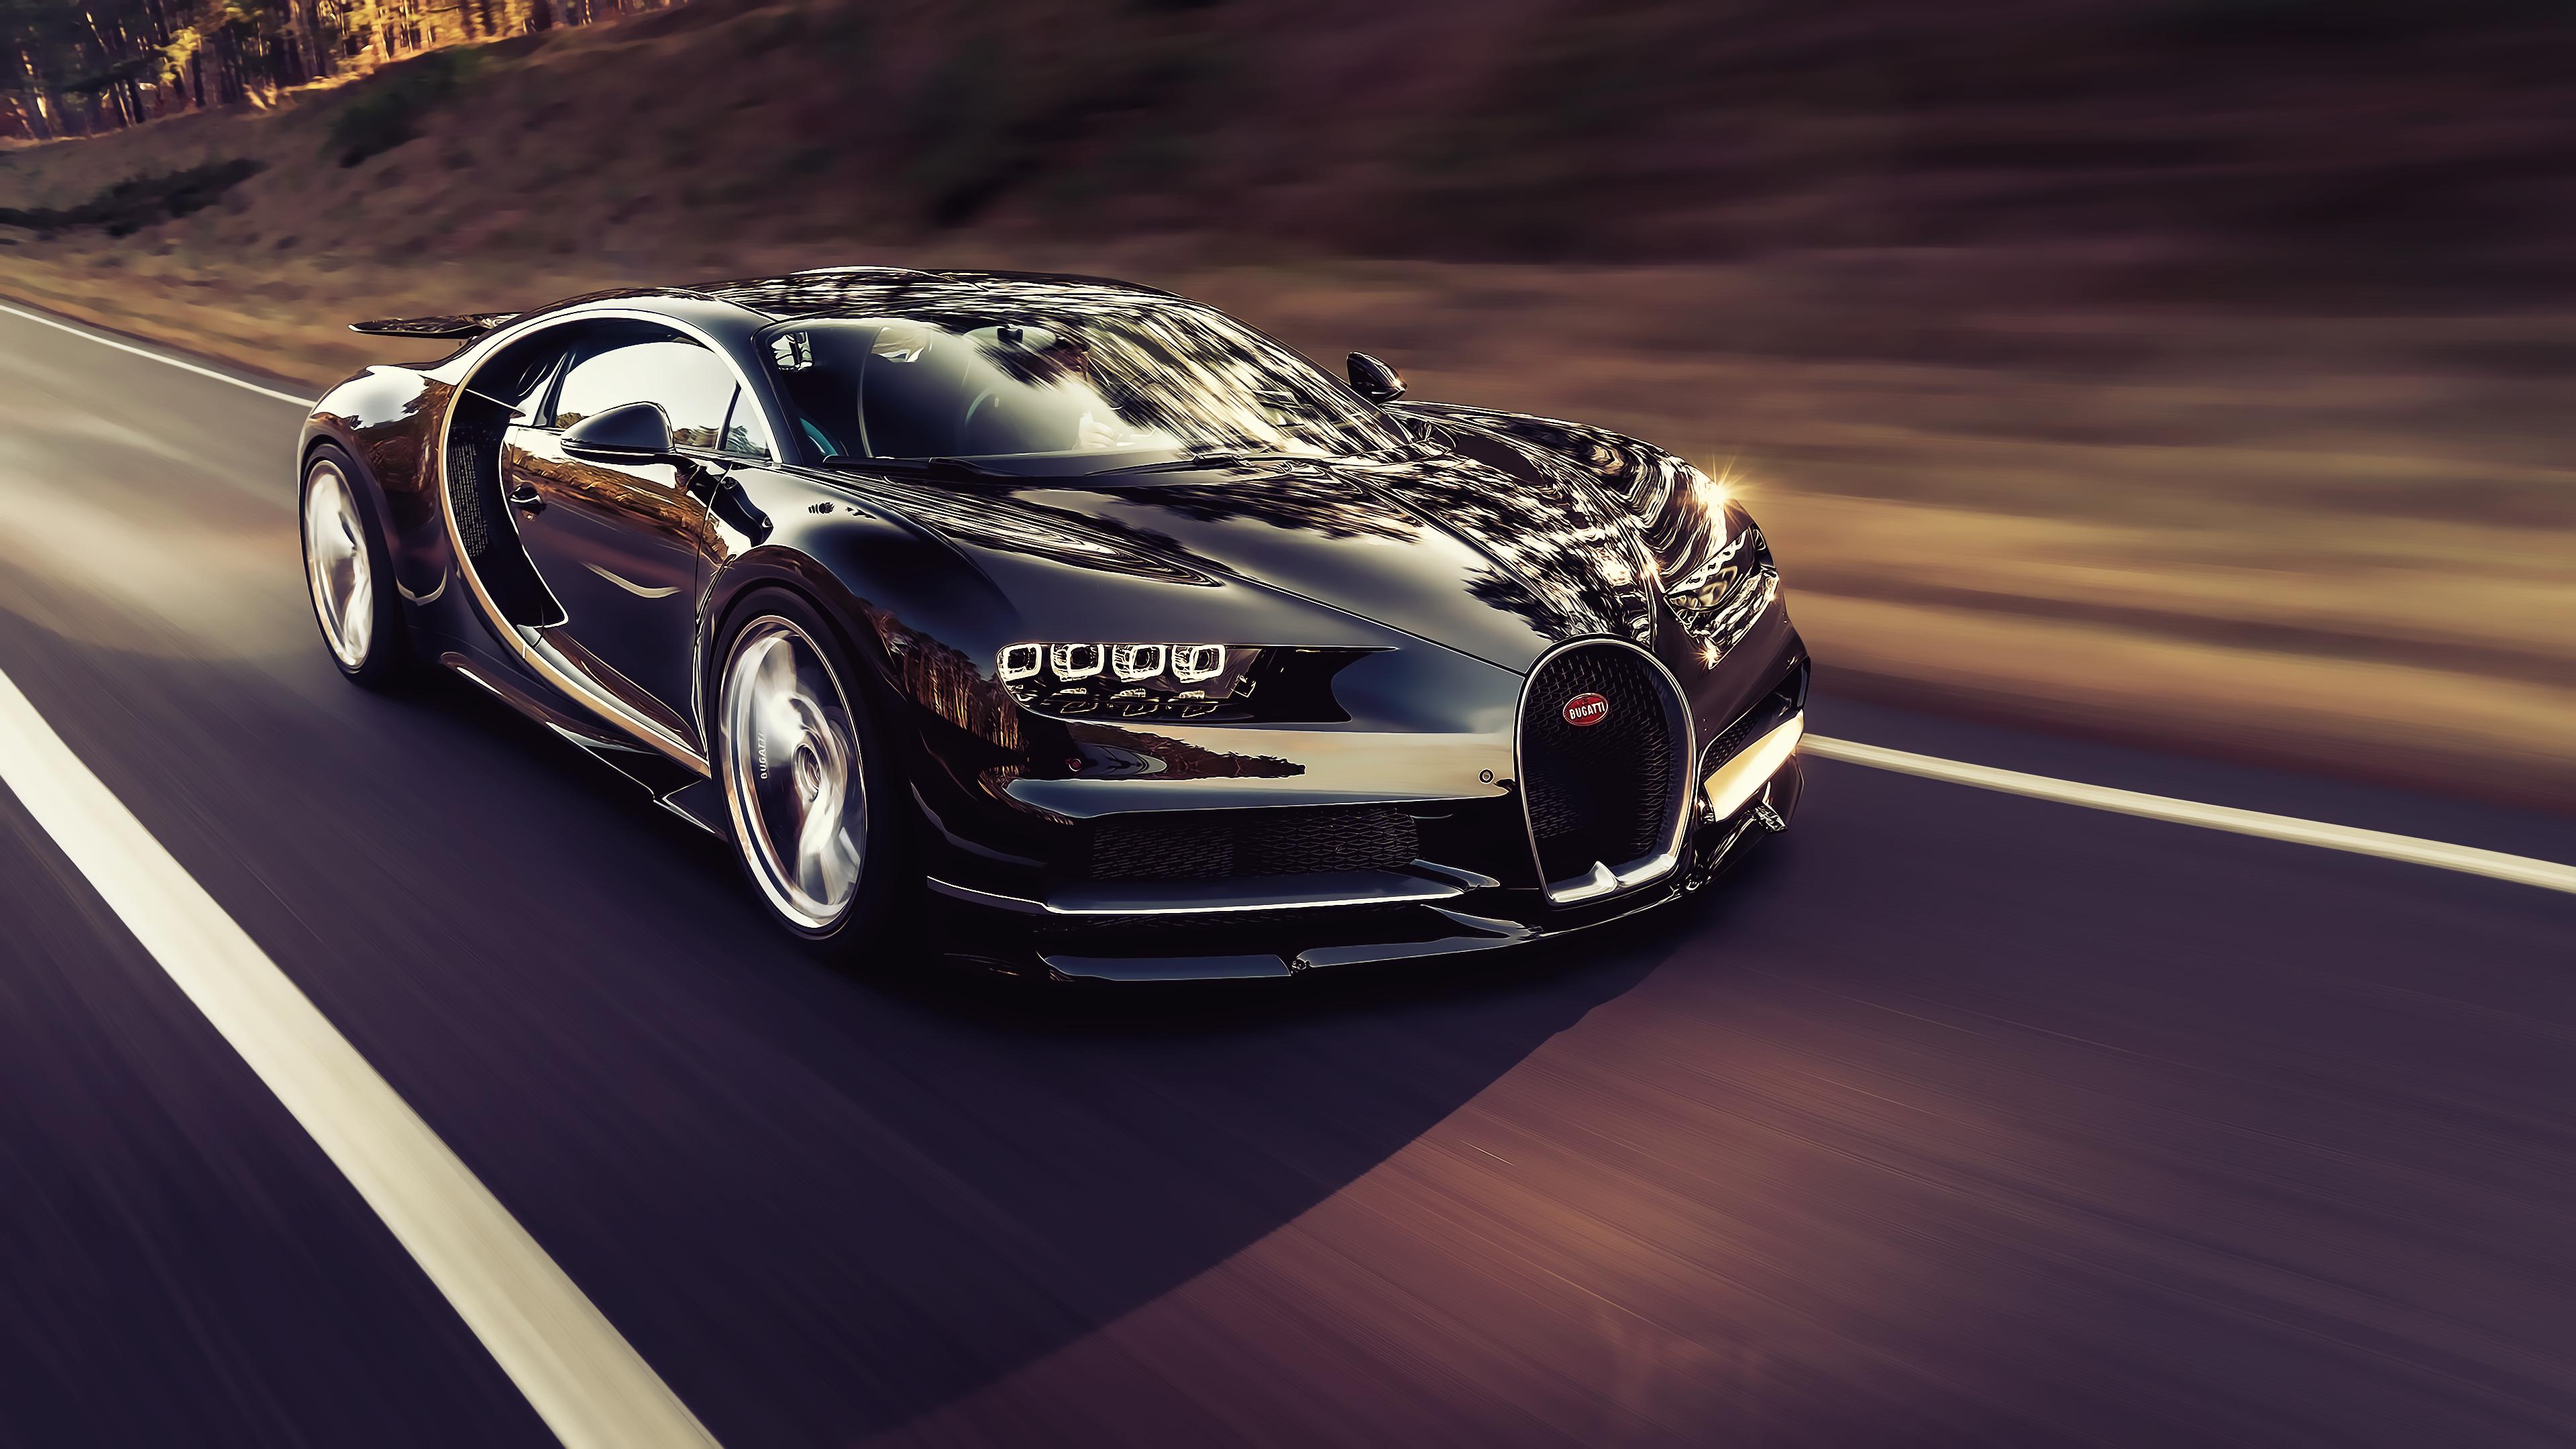 Bugatti Chiron 4k Ultra Hd Wallpaper Background Image 3840x2160